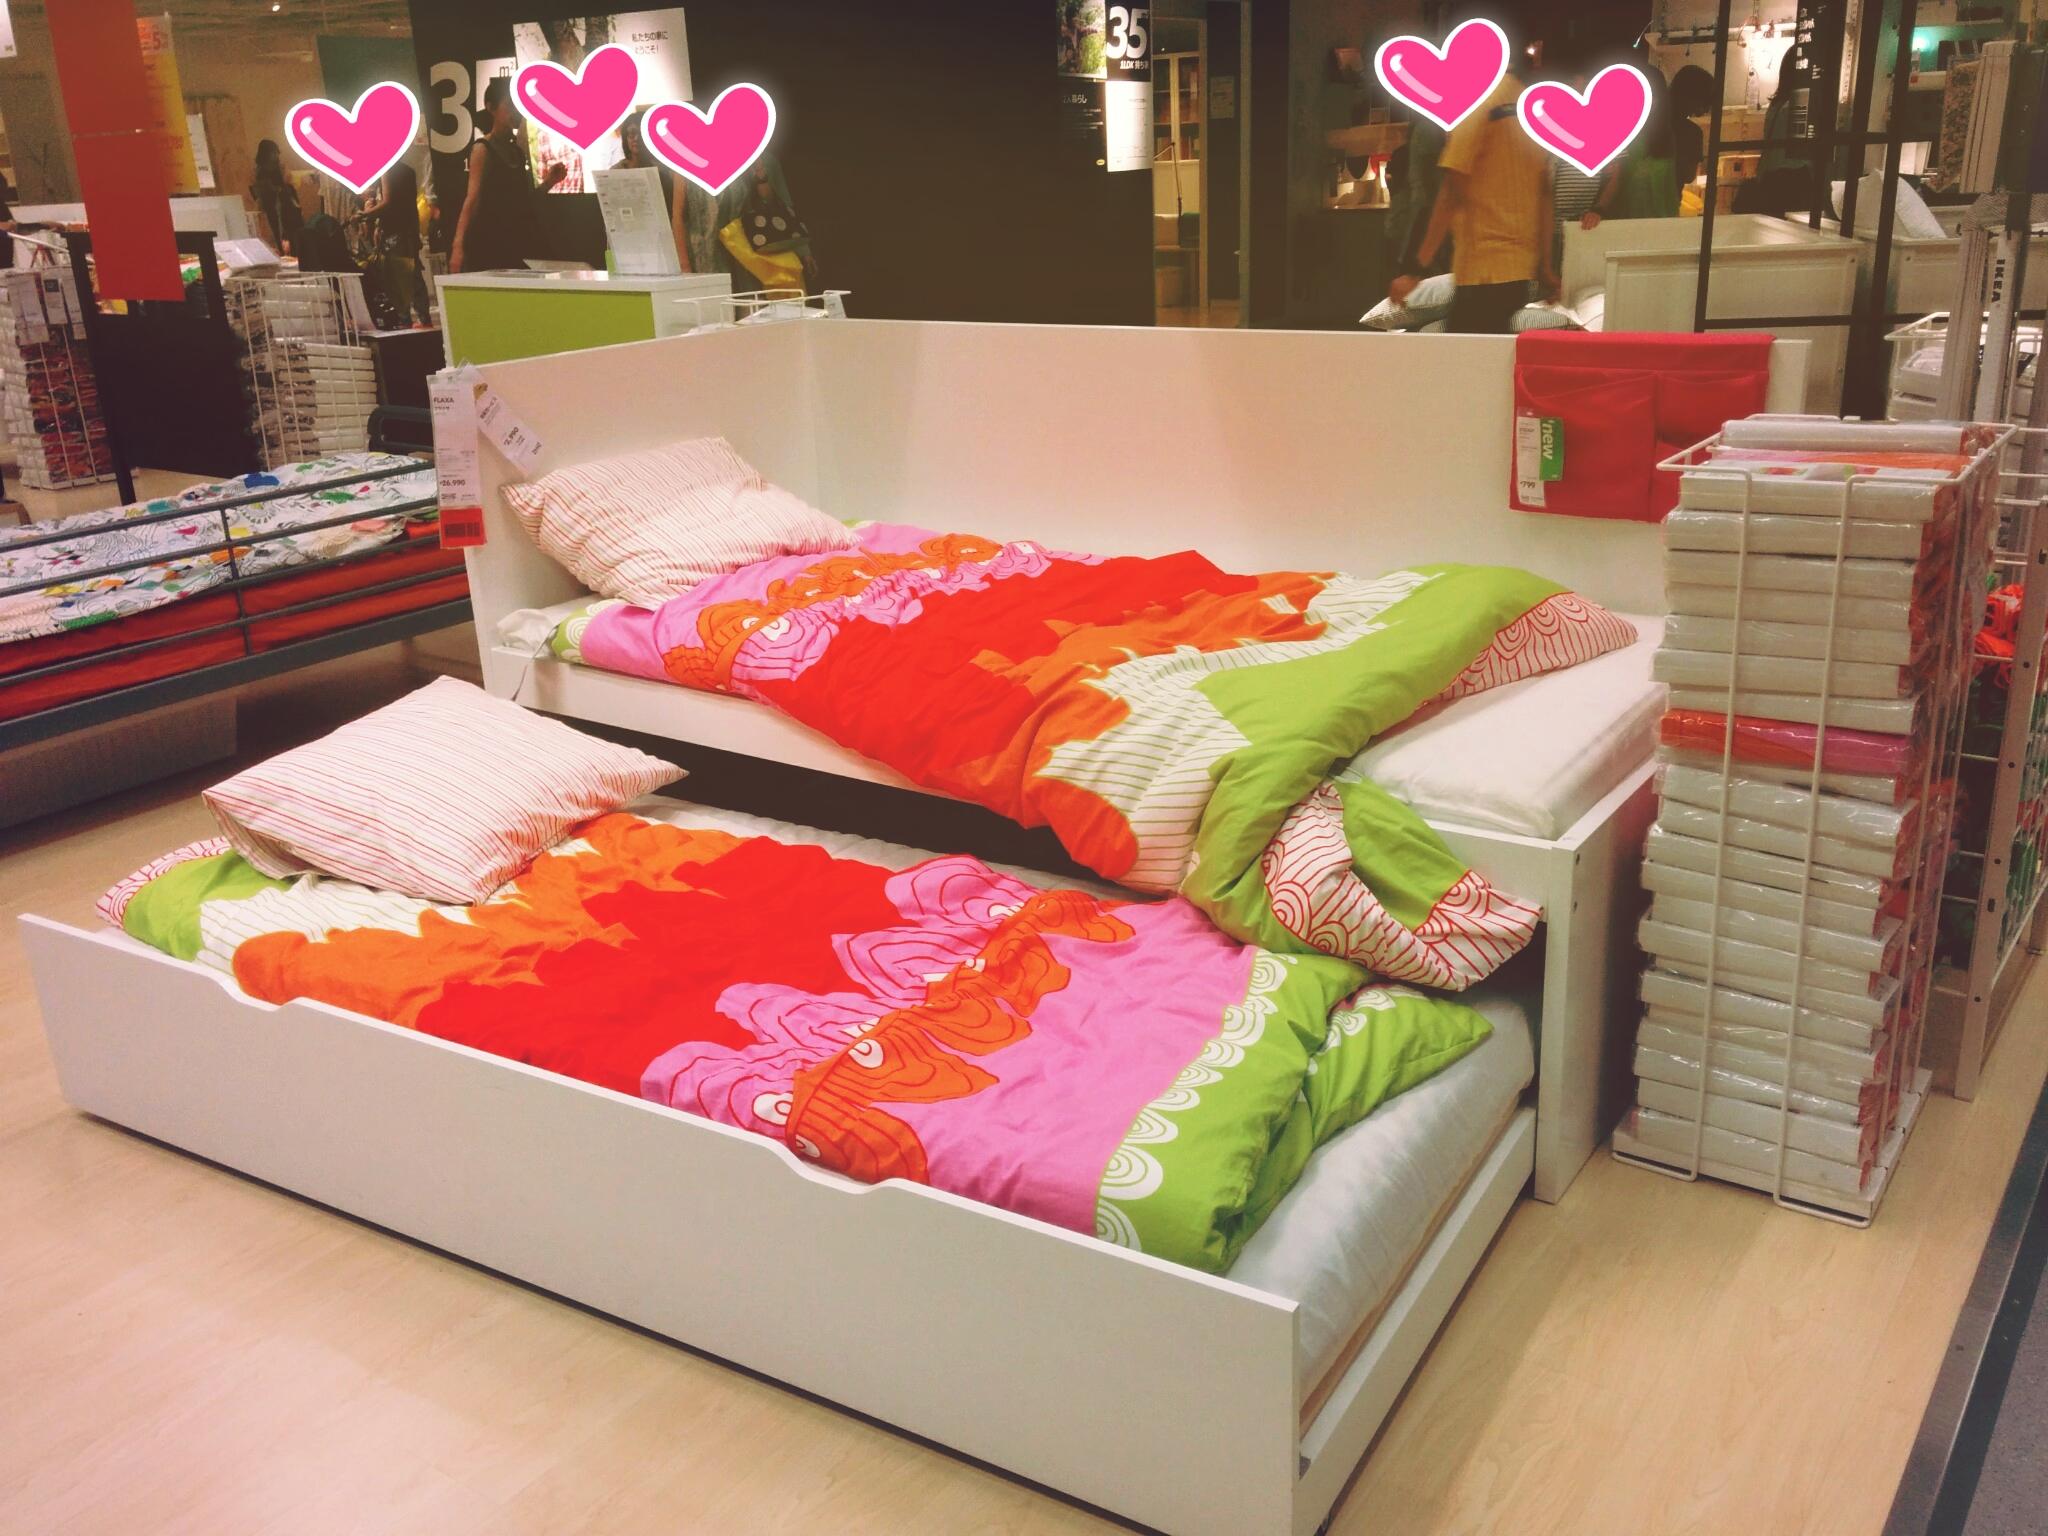 IKEA(イケア)通販(公式)で家具(ベット・マットレス etc)を購入し ...